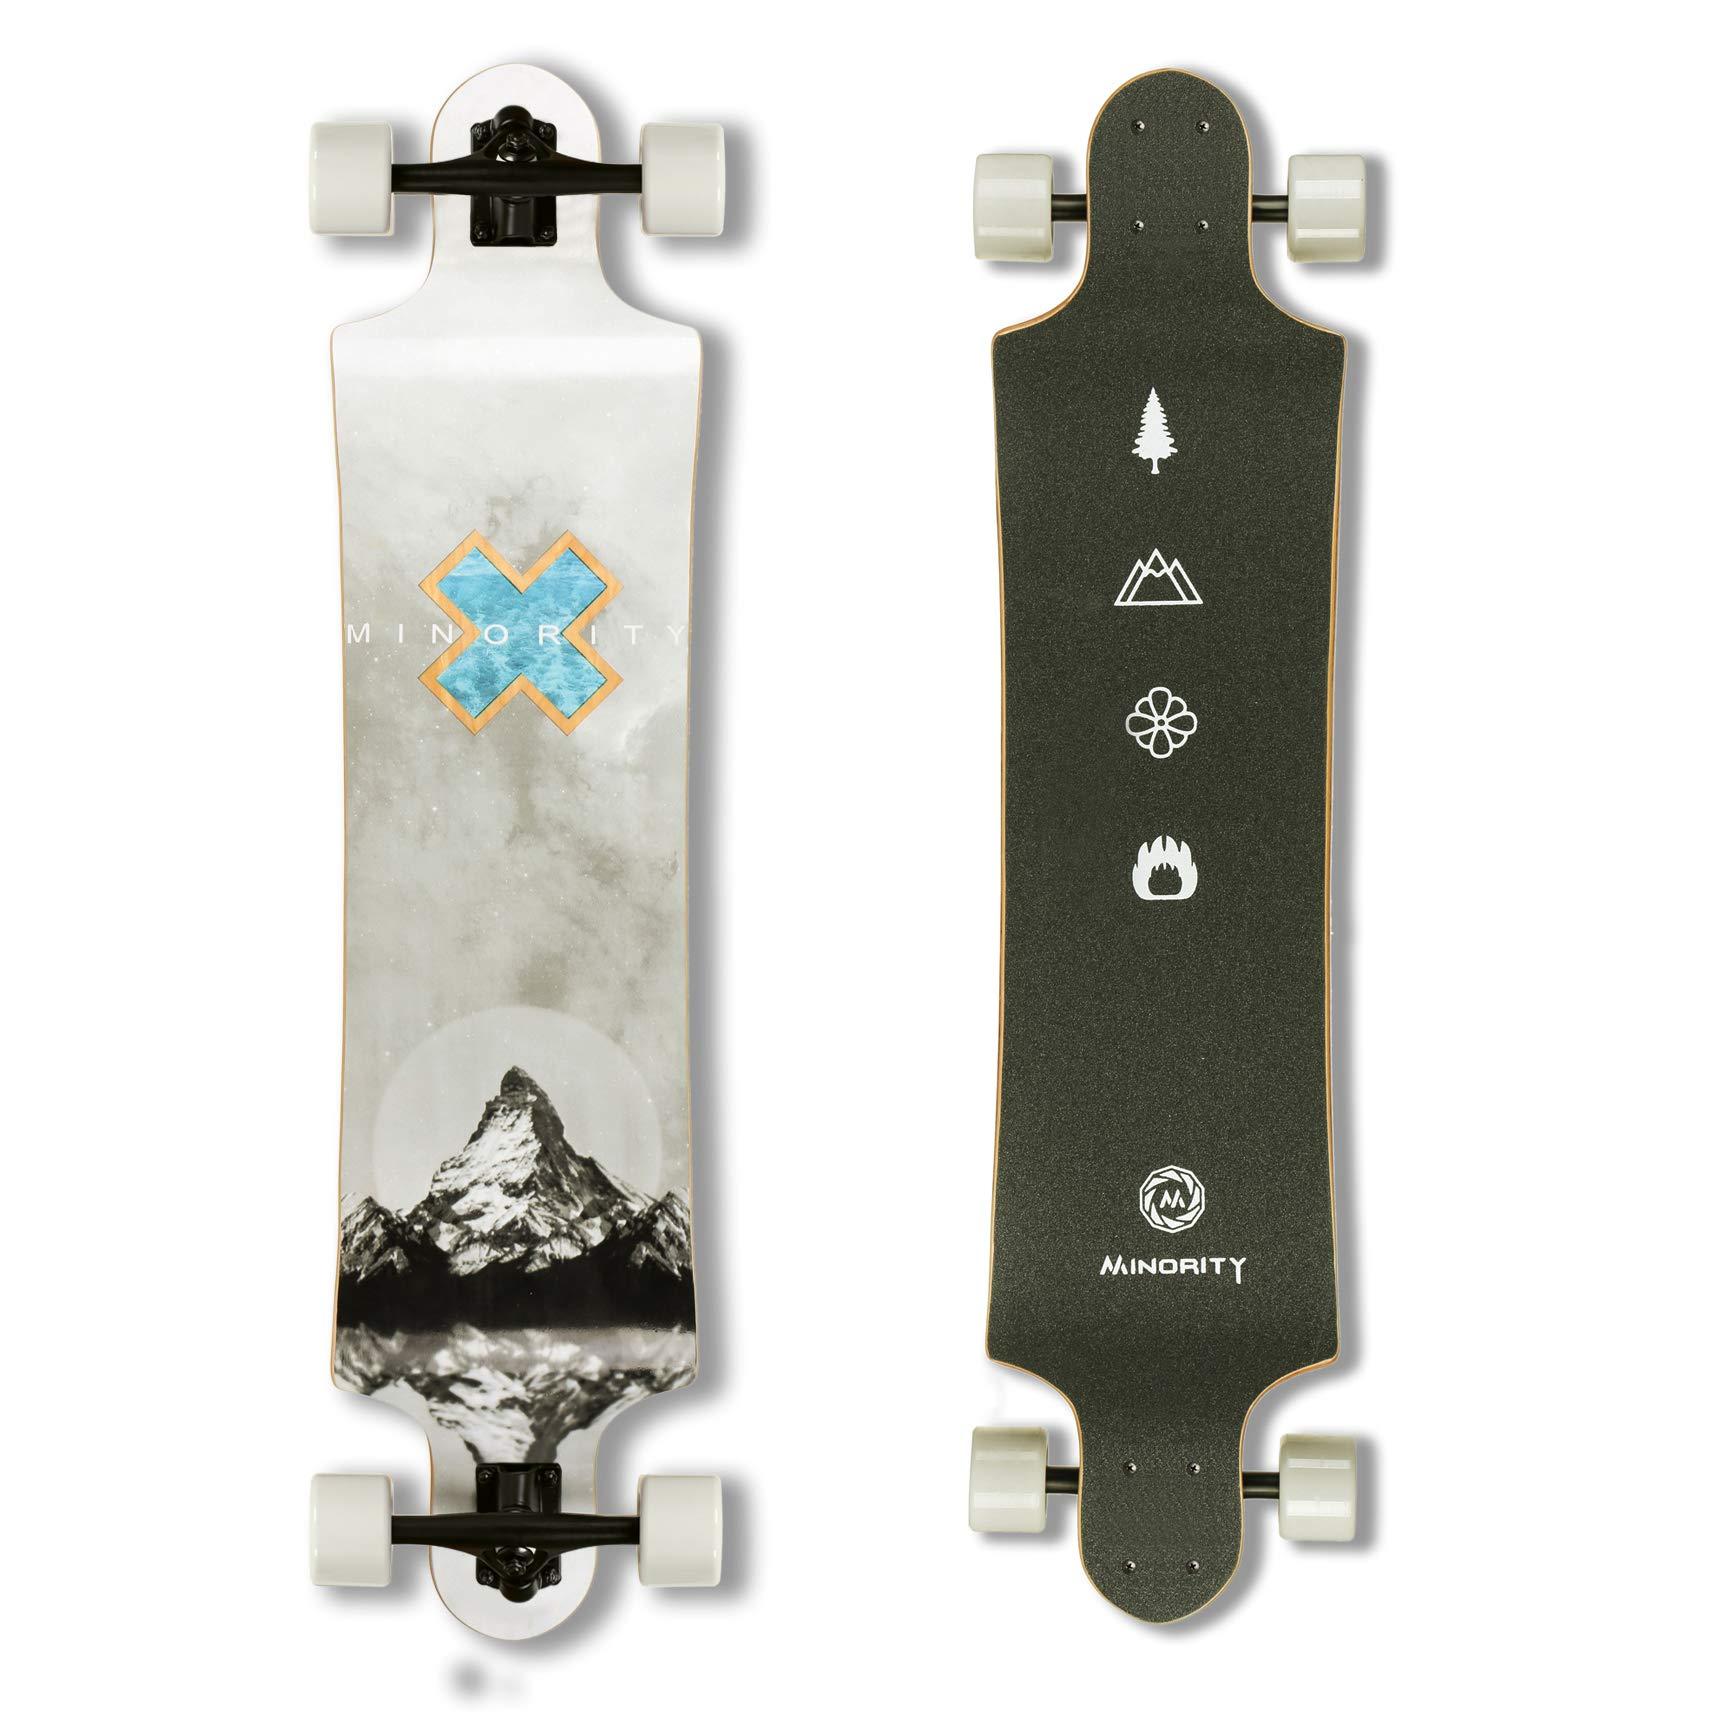 MINORITY Downhill Maple Longboard 40-inch Drop Deck (Alps) by MINORITY